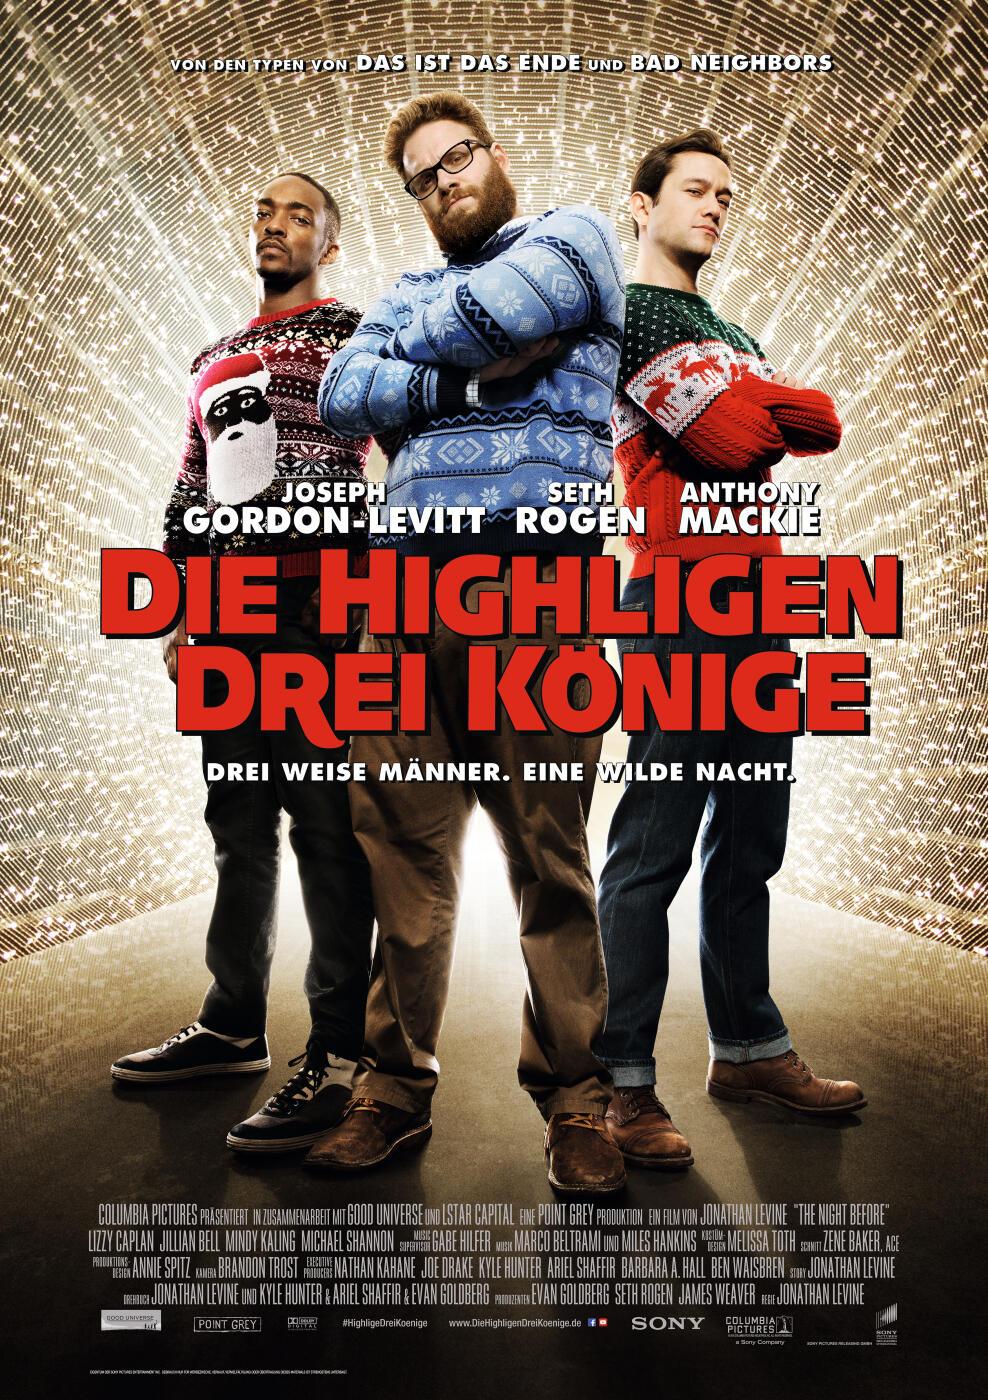 Die Highligen Drei Könige | Film 2015 | moviepilot.de